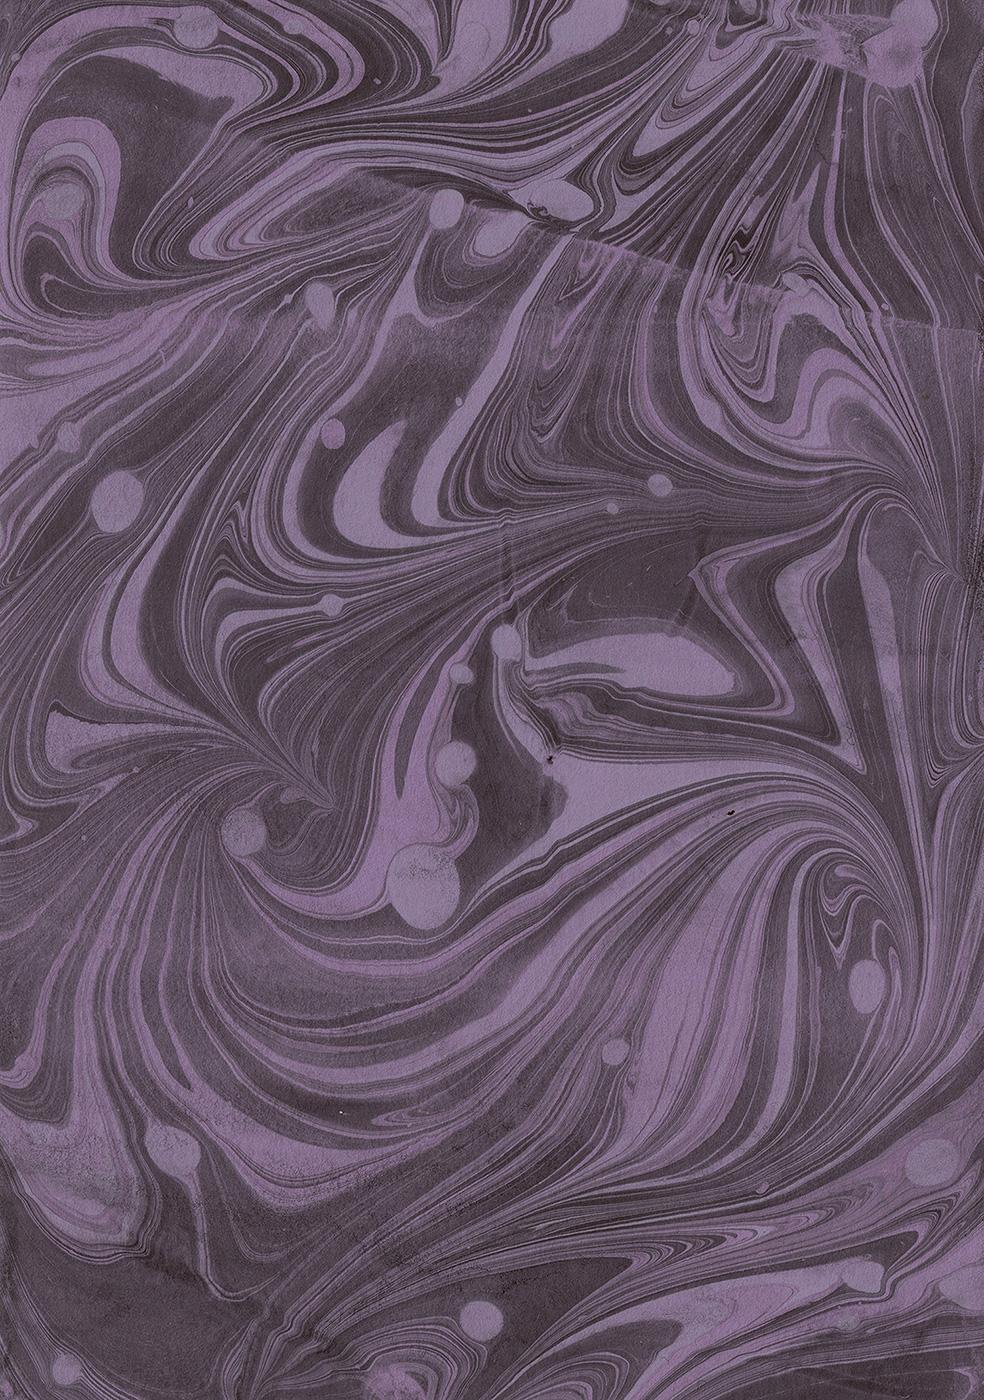 Paper Marbling Experiment 01:02 | © 2018 Anne Szafranski